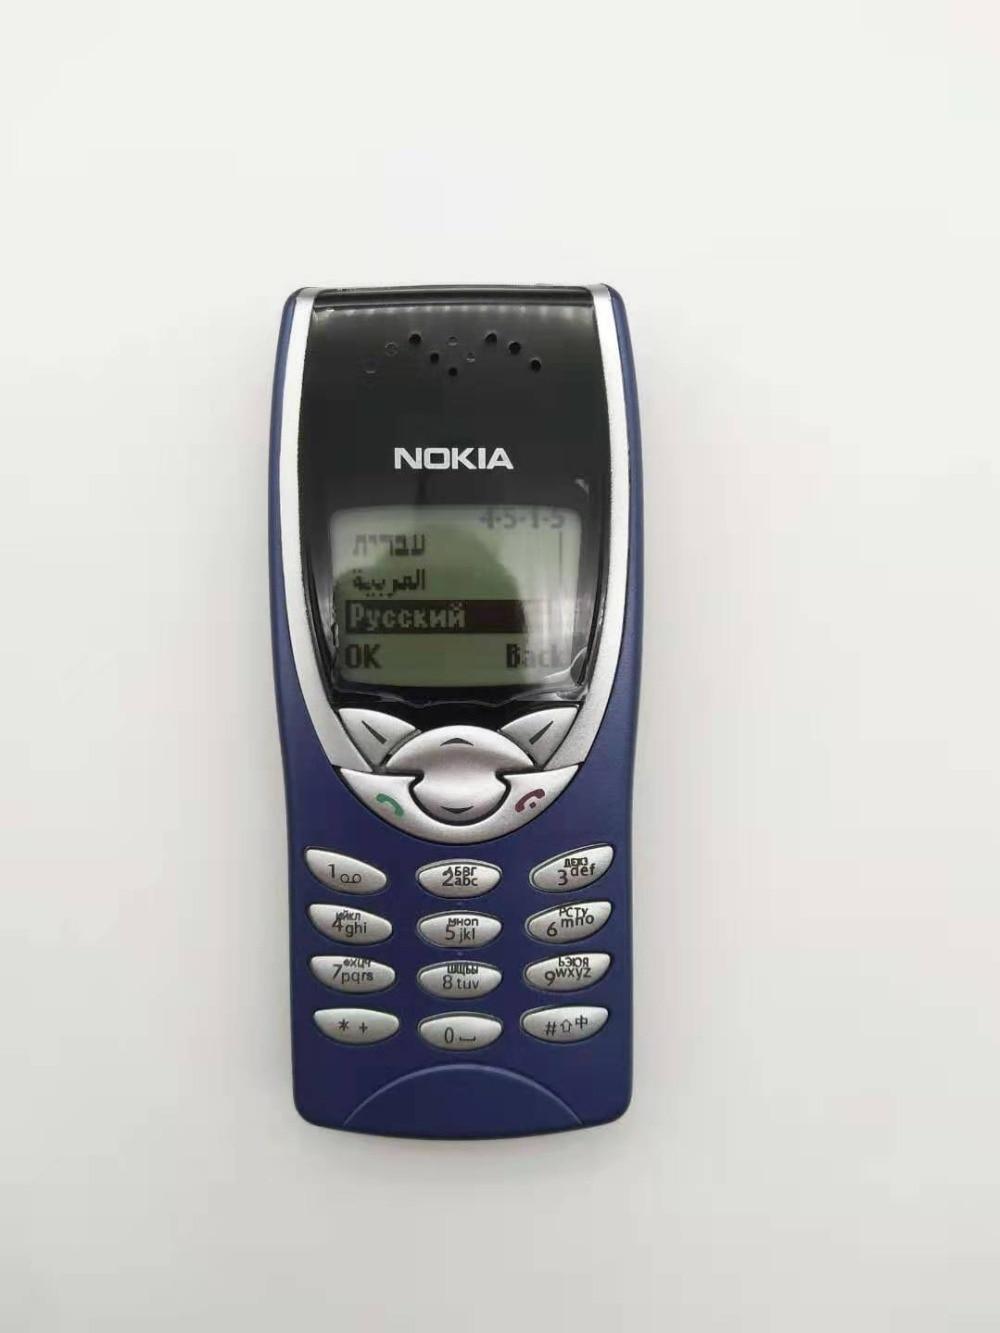 Le Jeune moderne.Gadgets-Nokia 8210 original débloqué Dualband GSM 900/1800 GPRS remis à neuf-Nokia 8210 original débloqué Dualband GSM 900/1800 GPRS remis à neuf